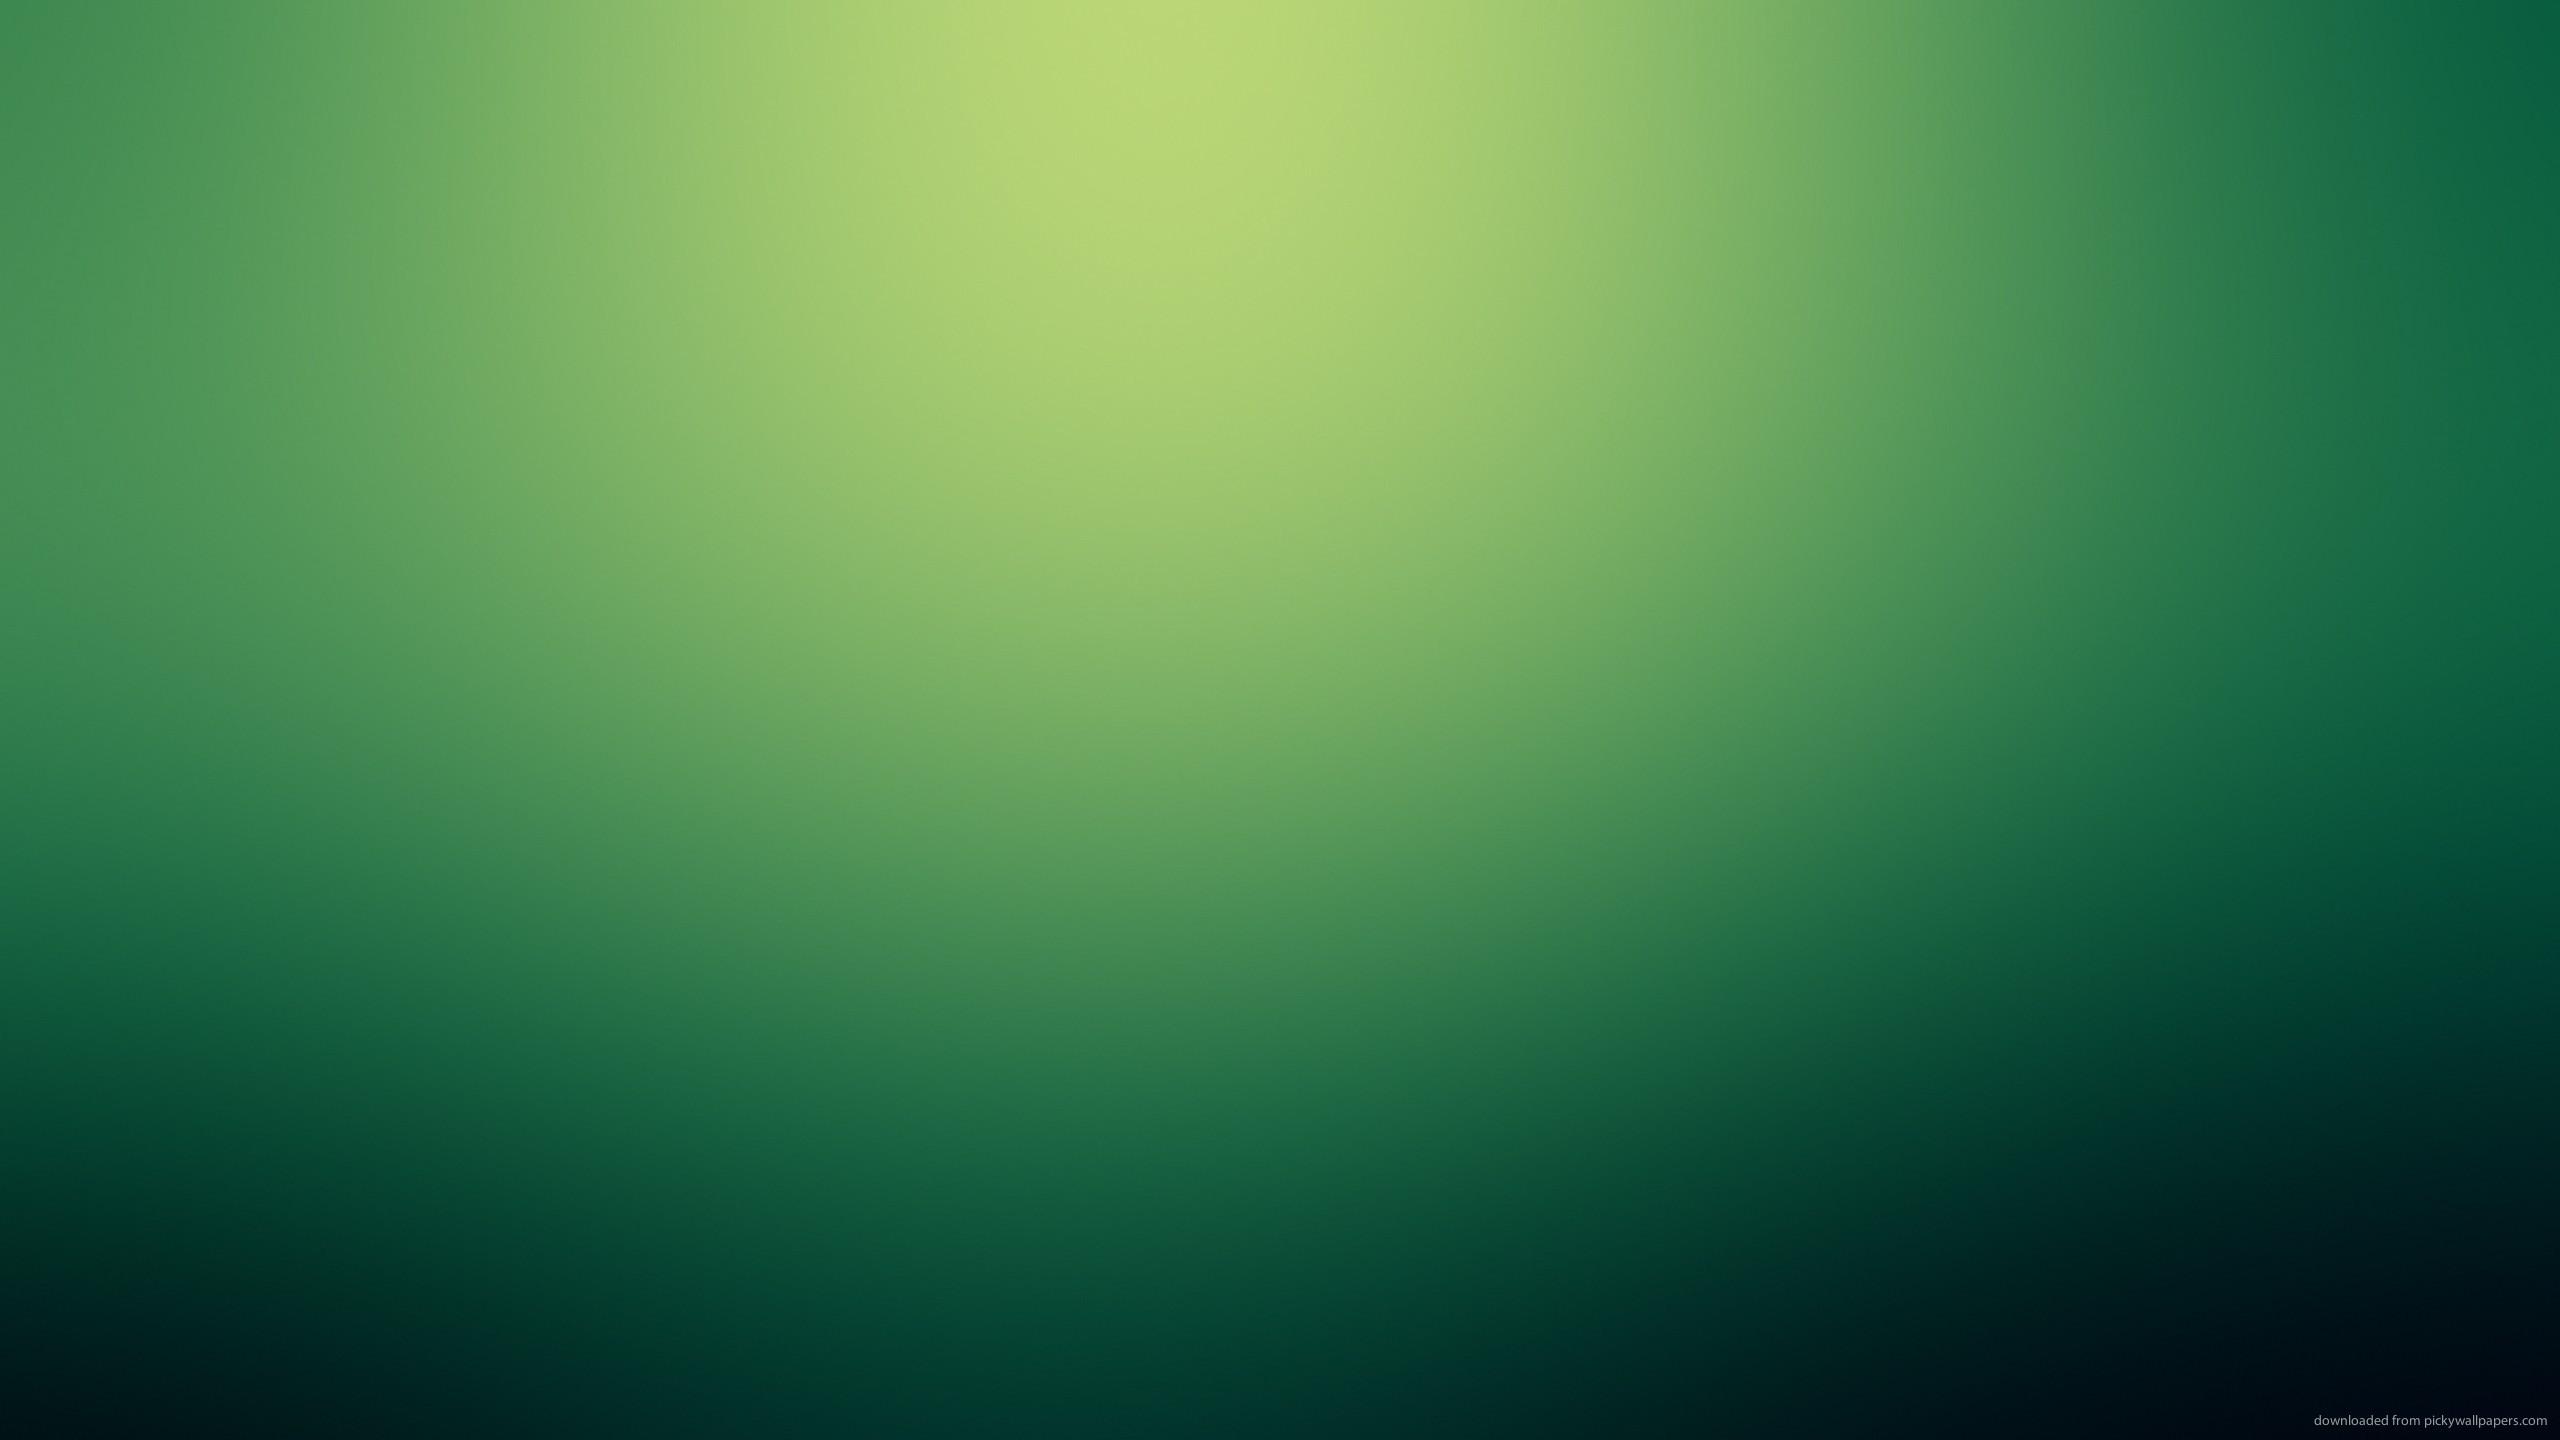 2560x1440 wallpaper wallpapersafari